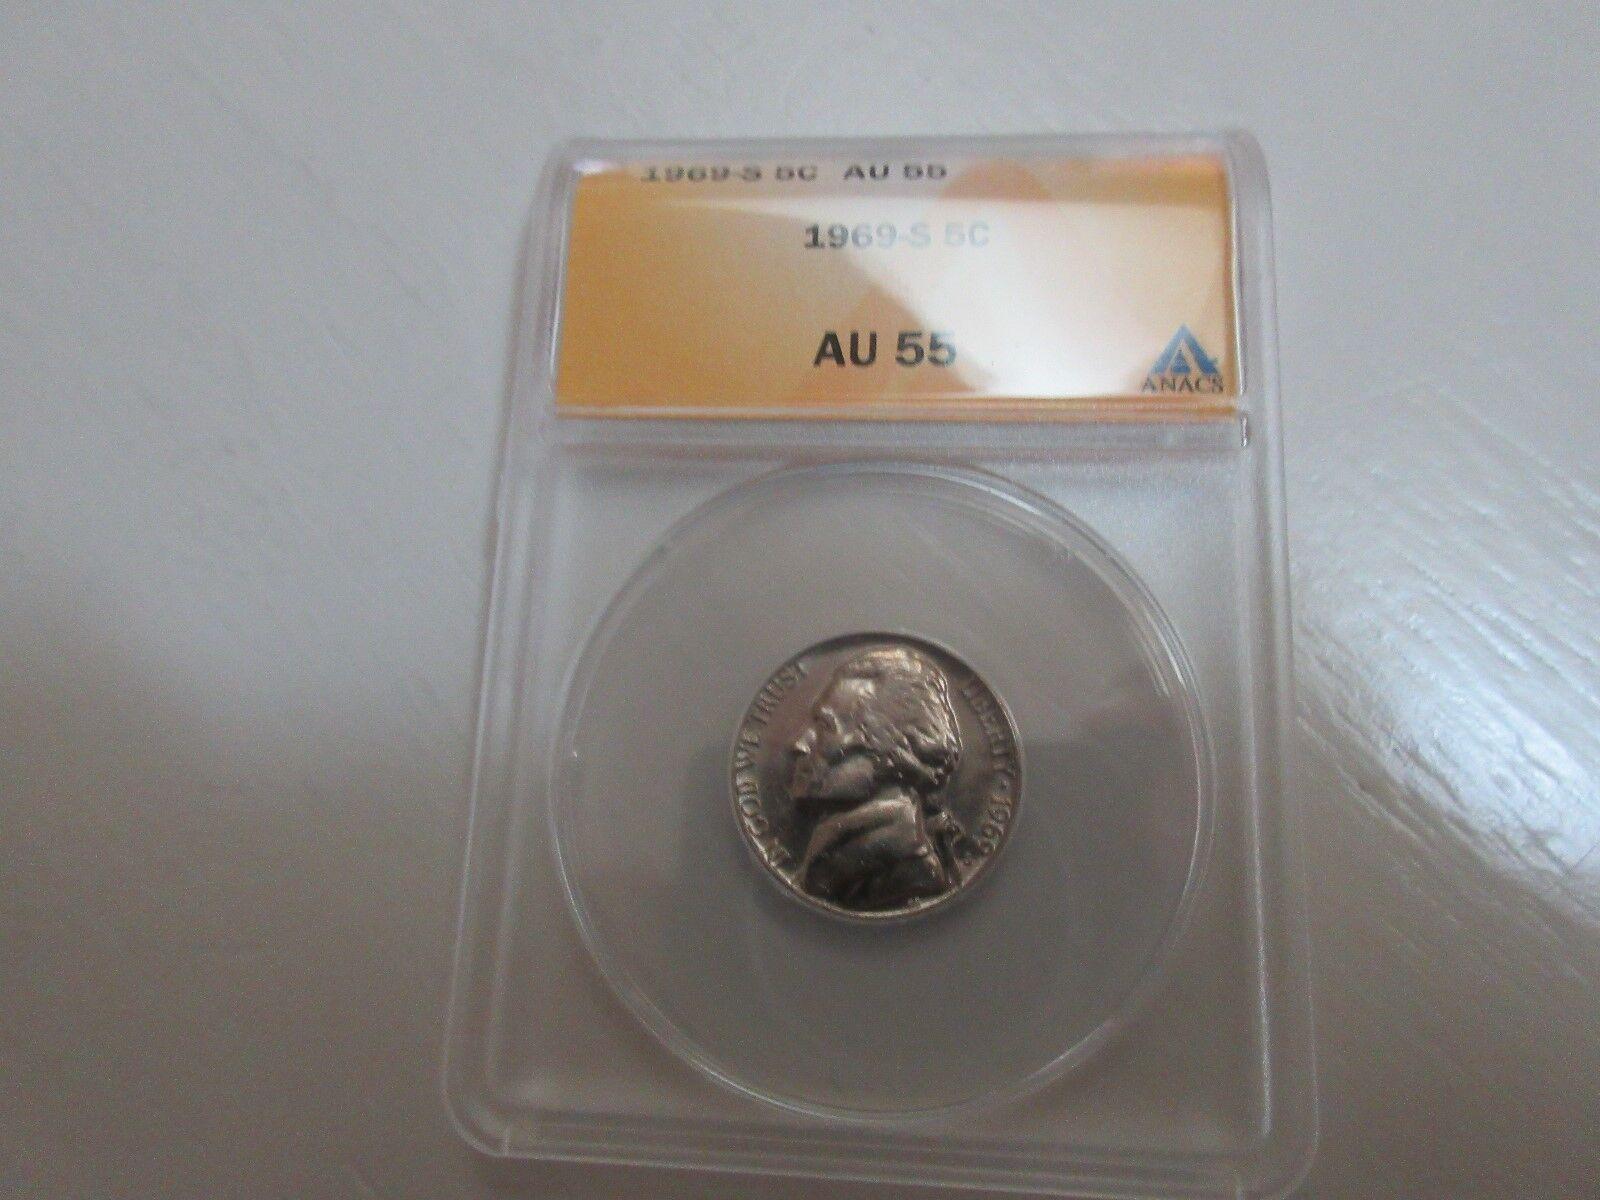 Jefferson Nickel , 1969-S , ANACS , AU 55